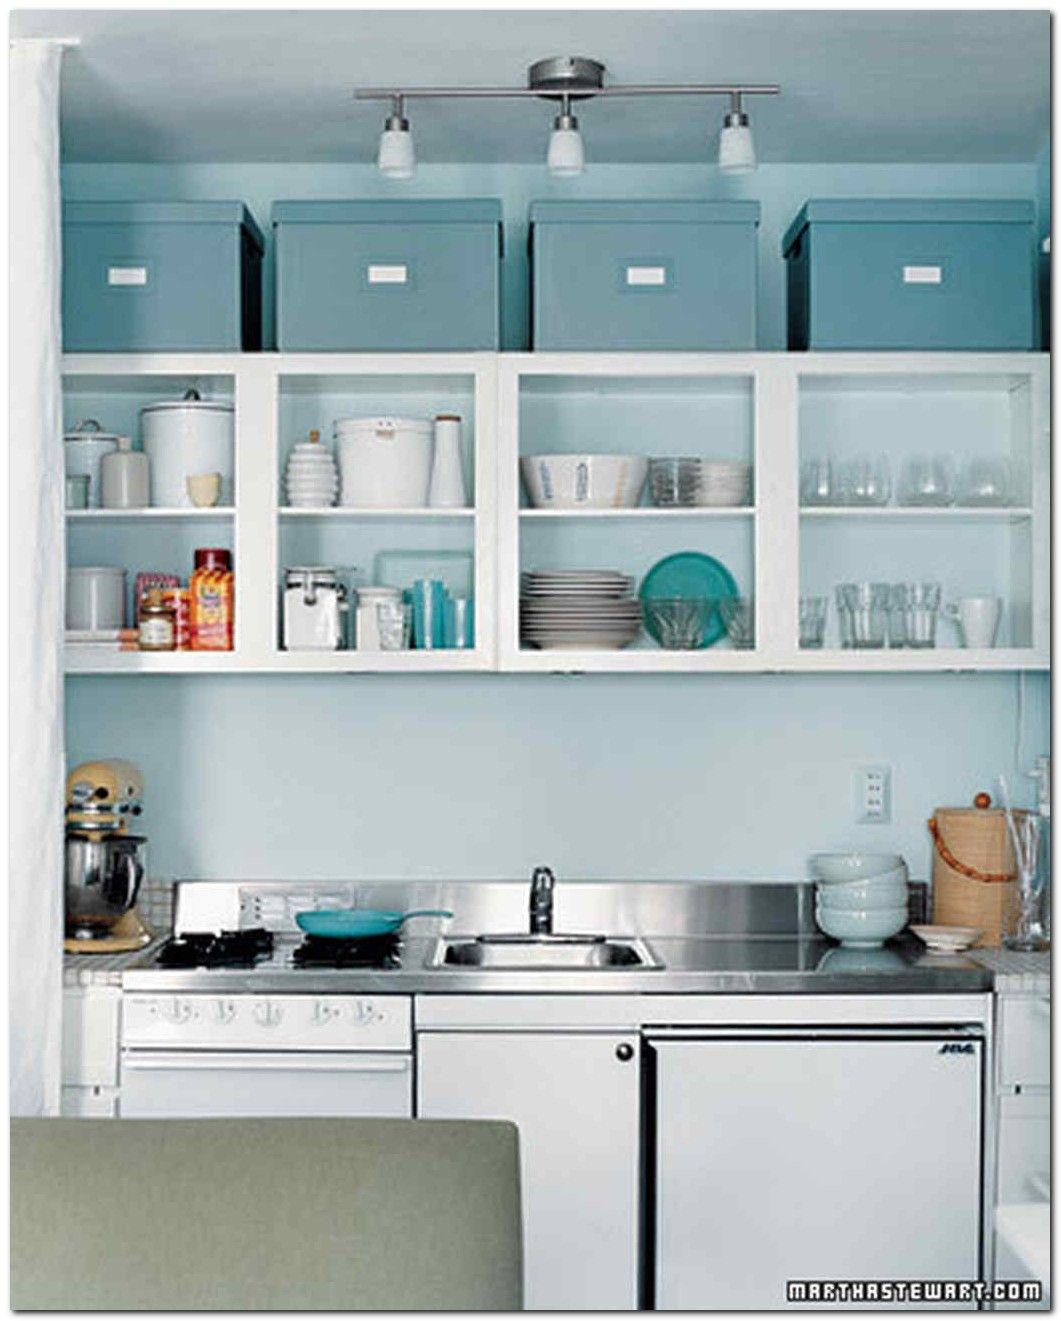 50+ SIMPLE Kitchen Storage Ideas | Pinterest | Storage ideas ...